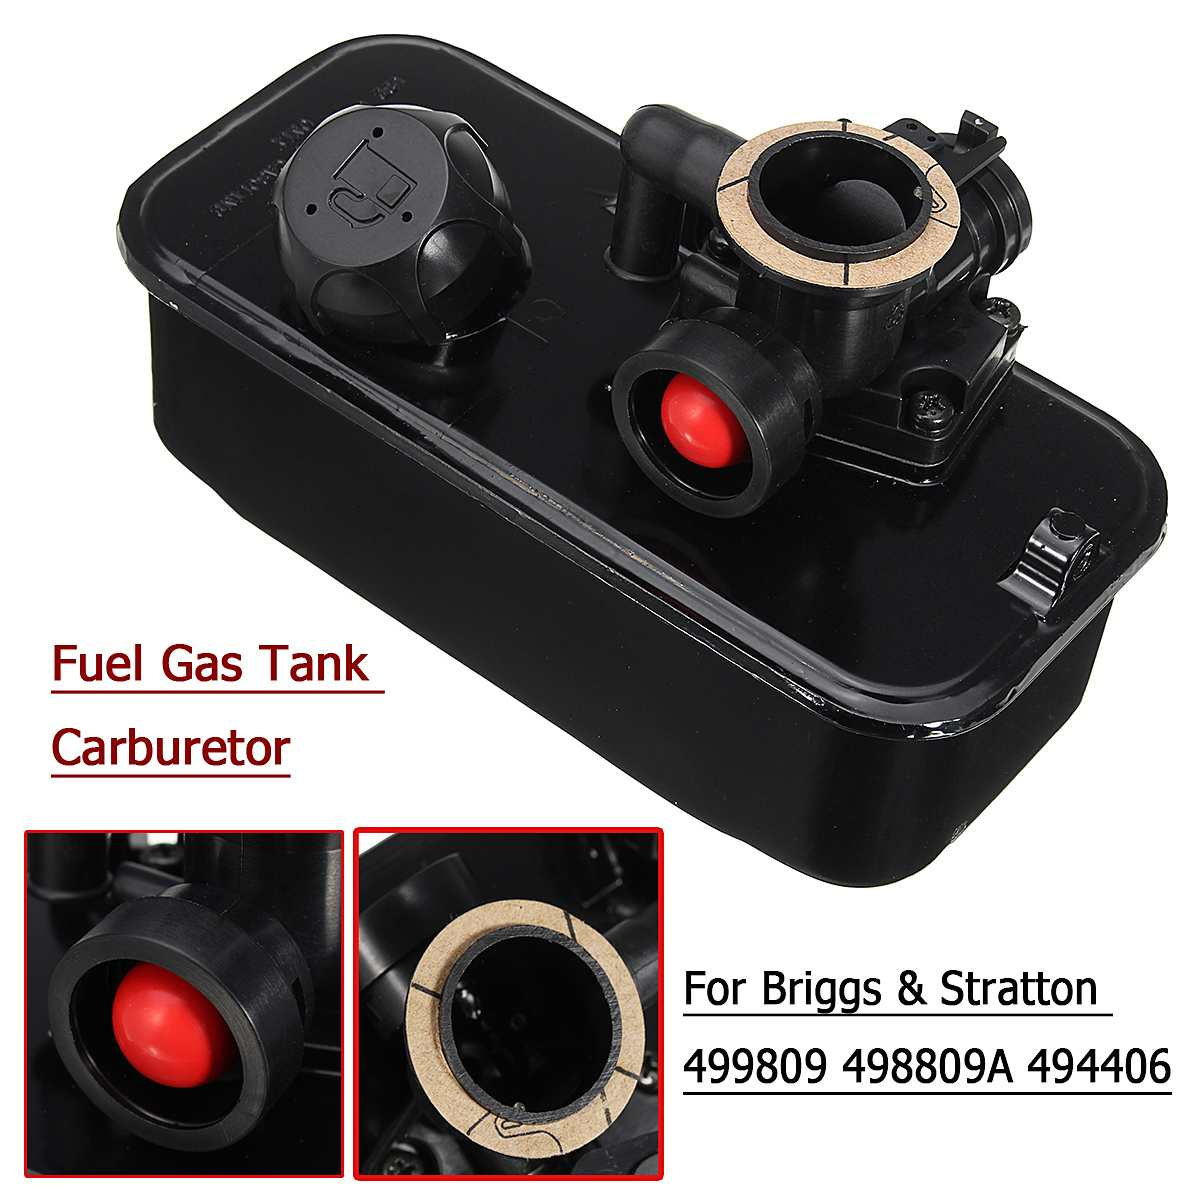 Serbatoio carburante Gas Falciatrice Carburatore Carb per Briggs & Stratton 499809 498809A 494406Serbatoio carburante Gas Falciatrice Carburatore Carb per Briggs & Stratton 499809 498809A 494406